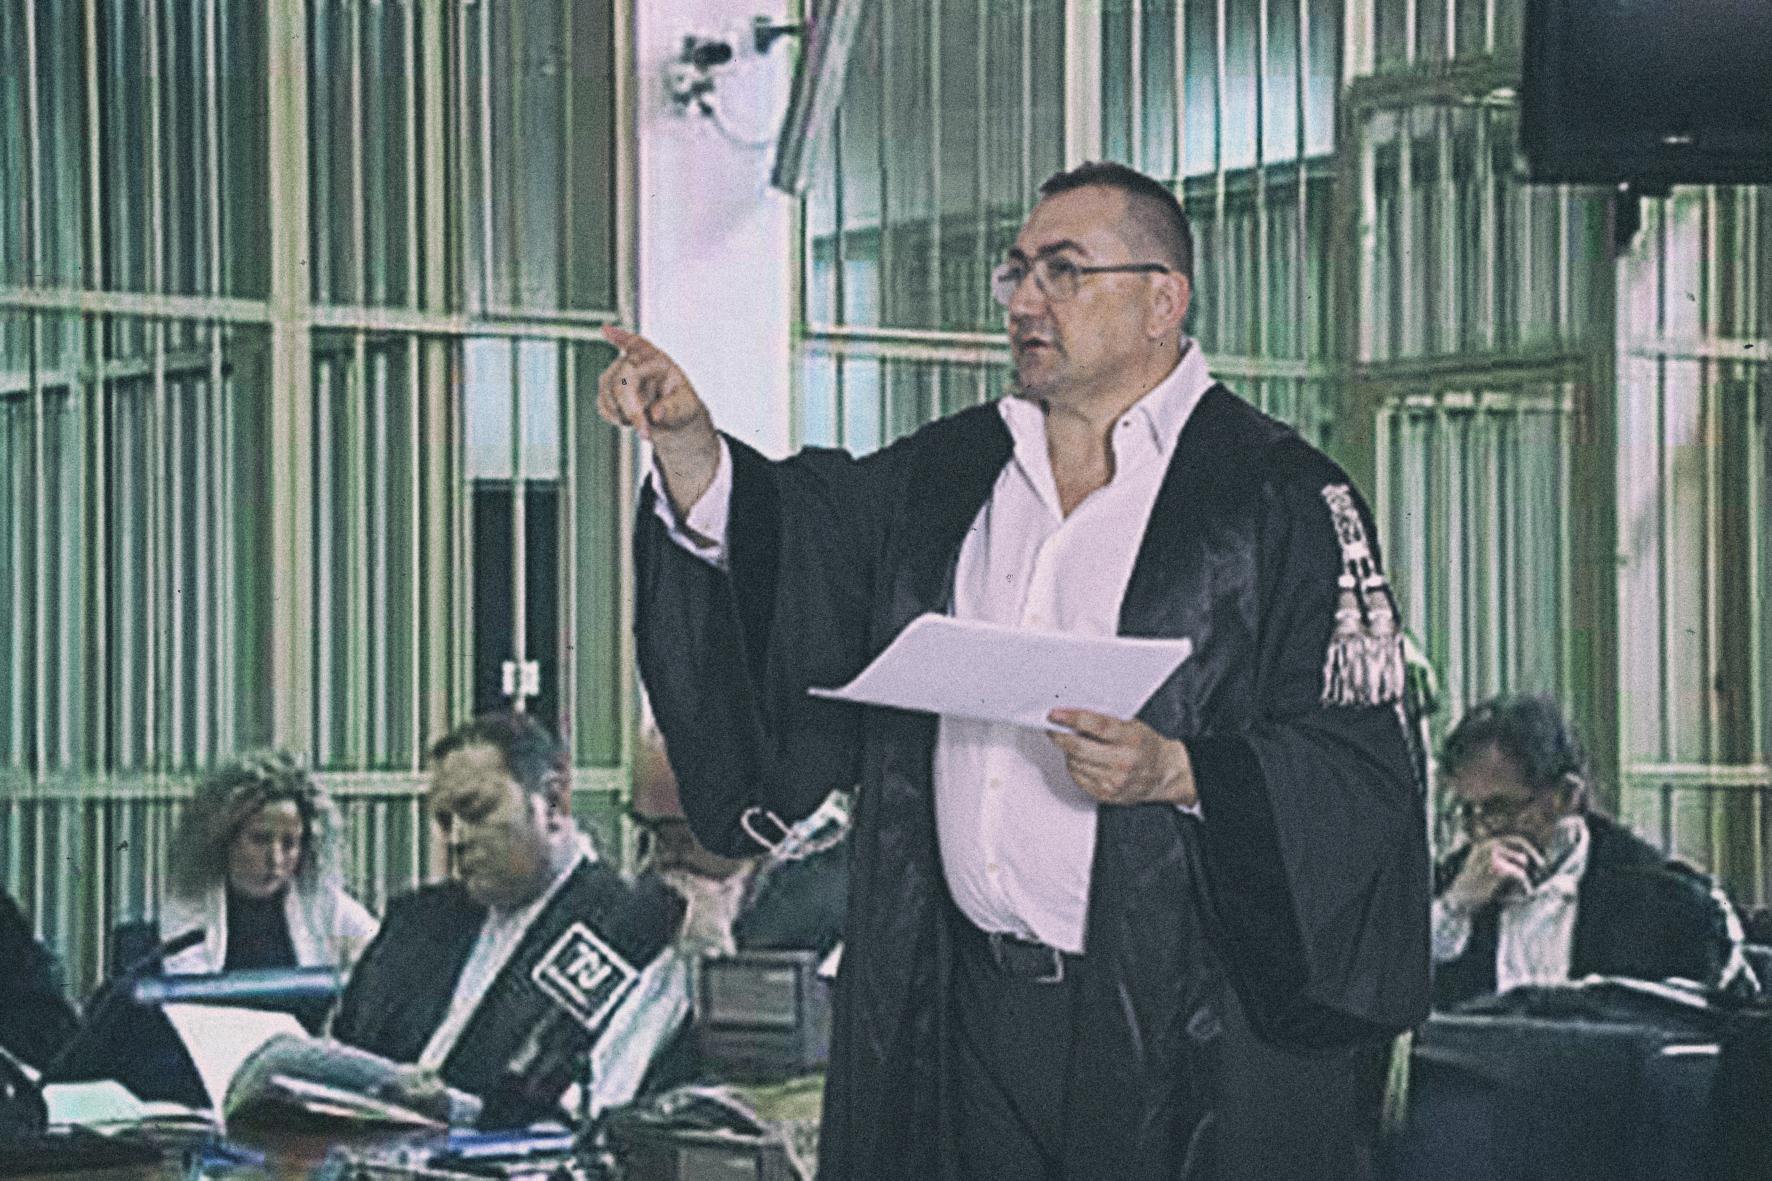 avvocato alexandro maria tirelli in dibattimento